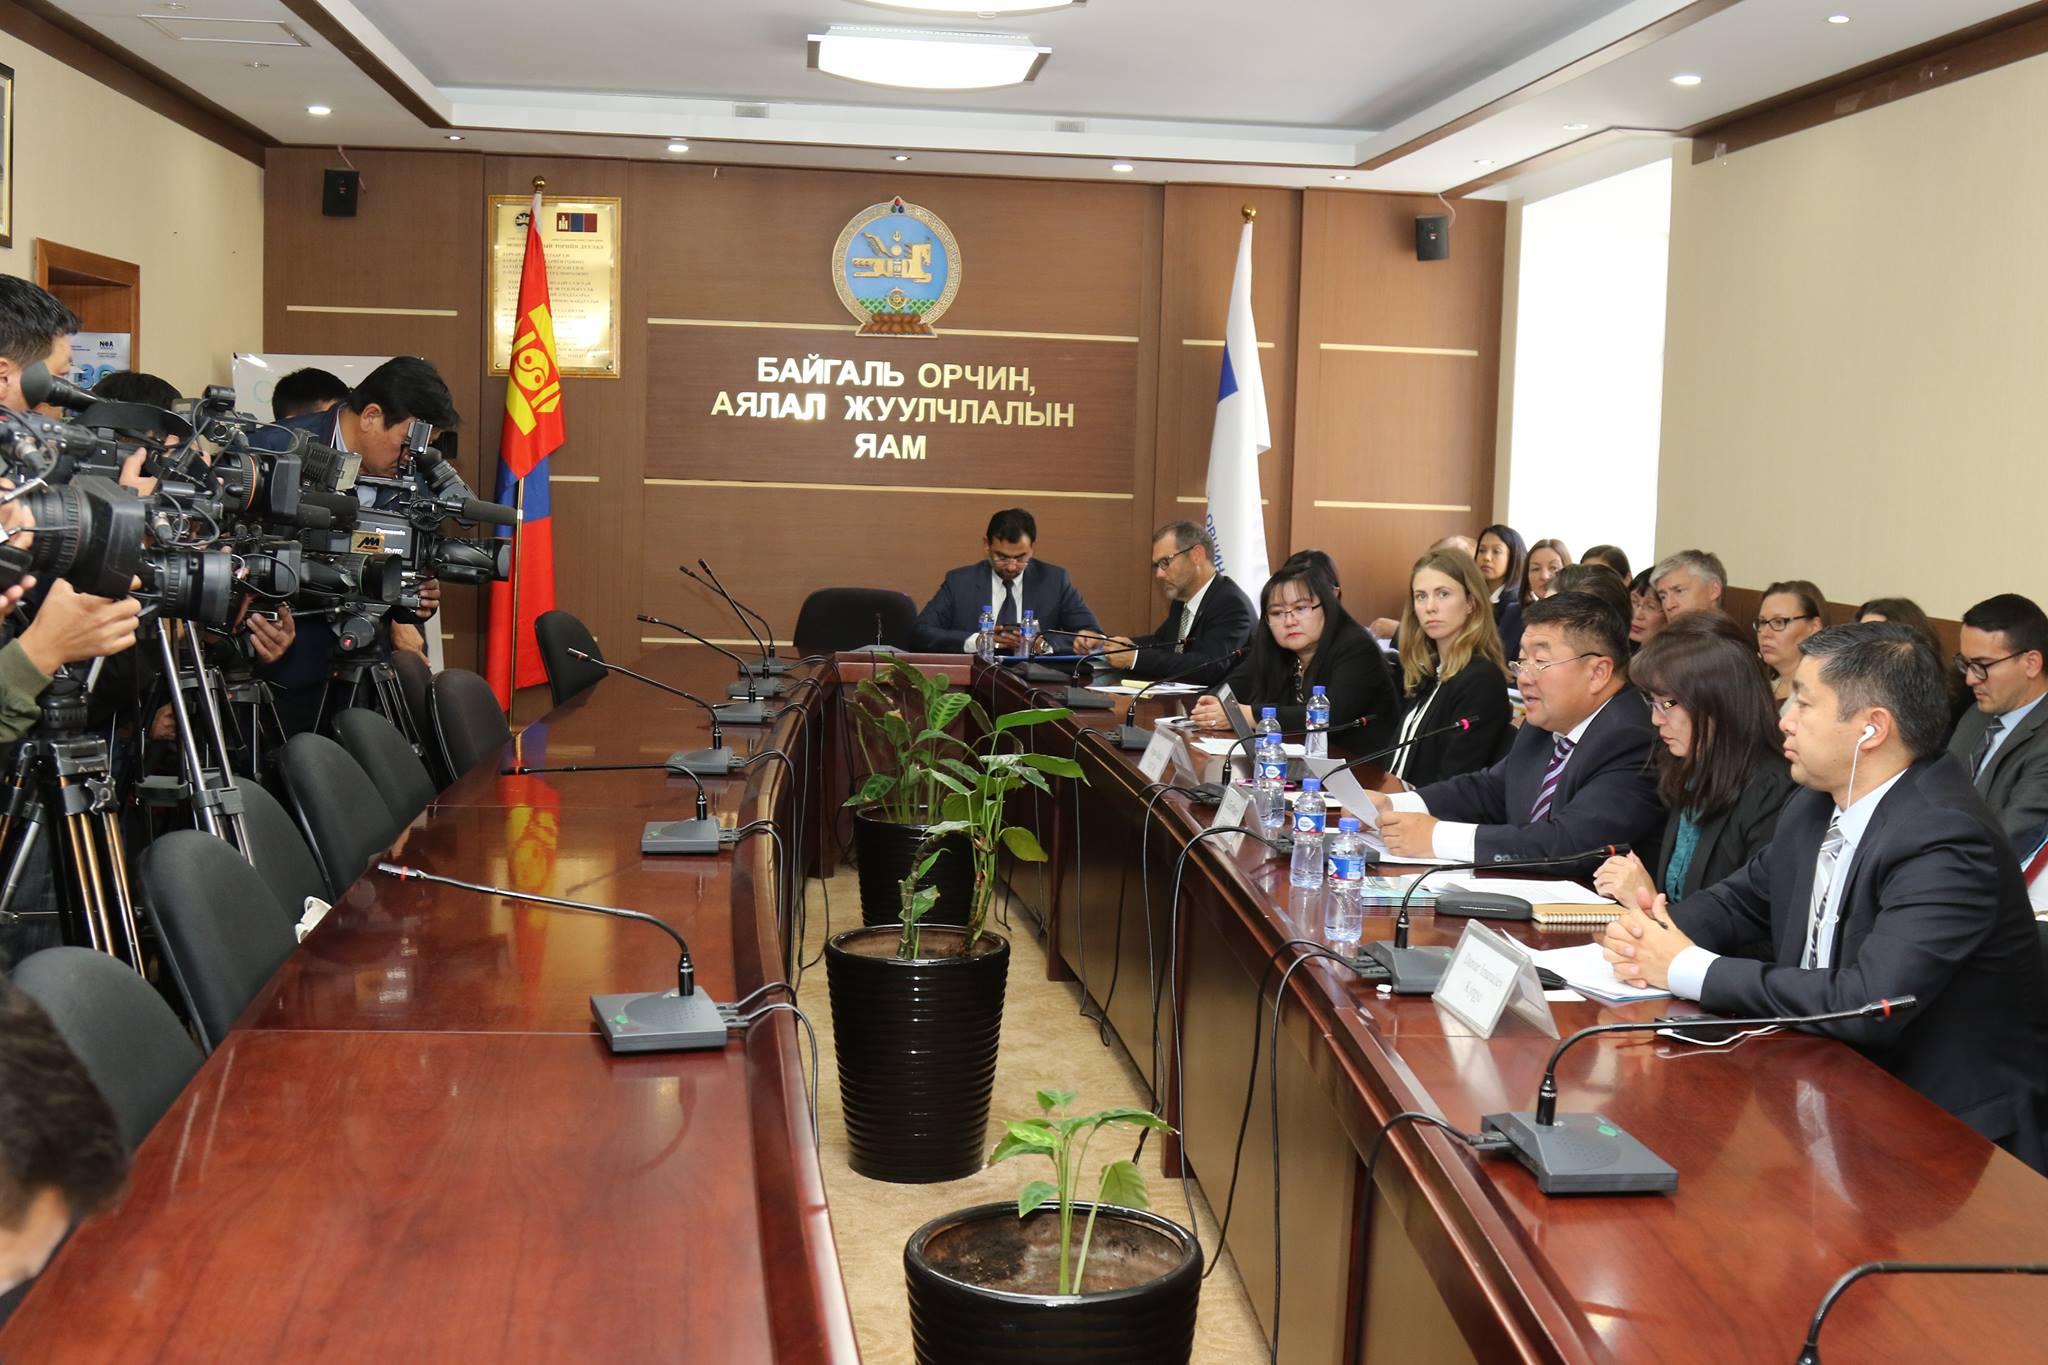 Монгол улс ногоон хөгжлийн үндсээ бусад орнуудад үлгэр дууриалал болохуйц тавьж байгааг онцлов